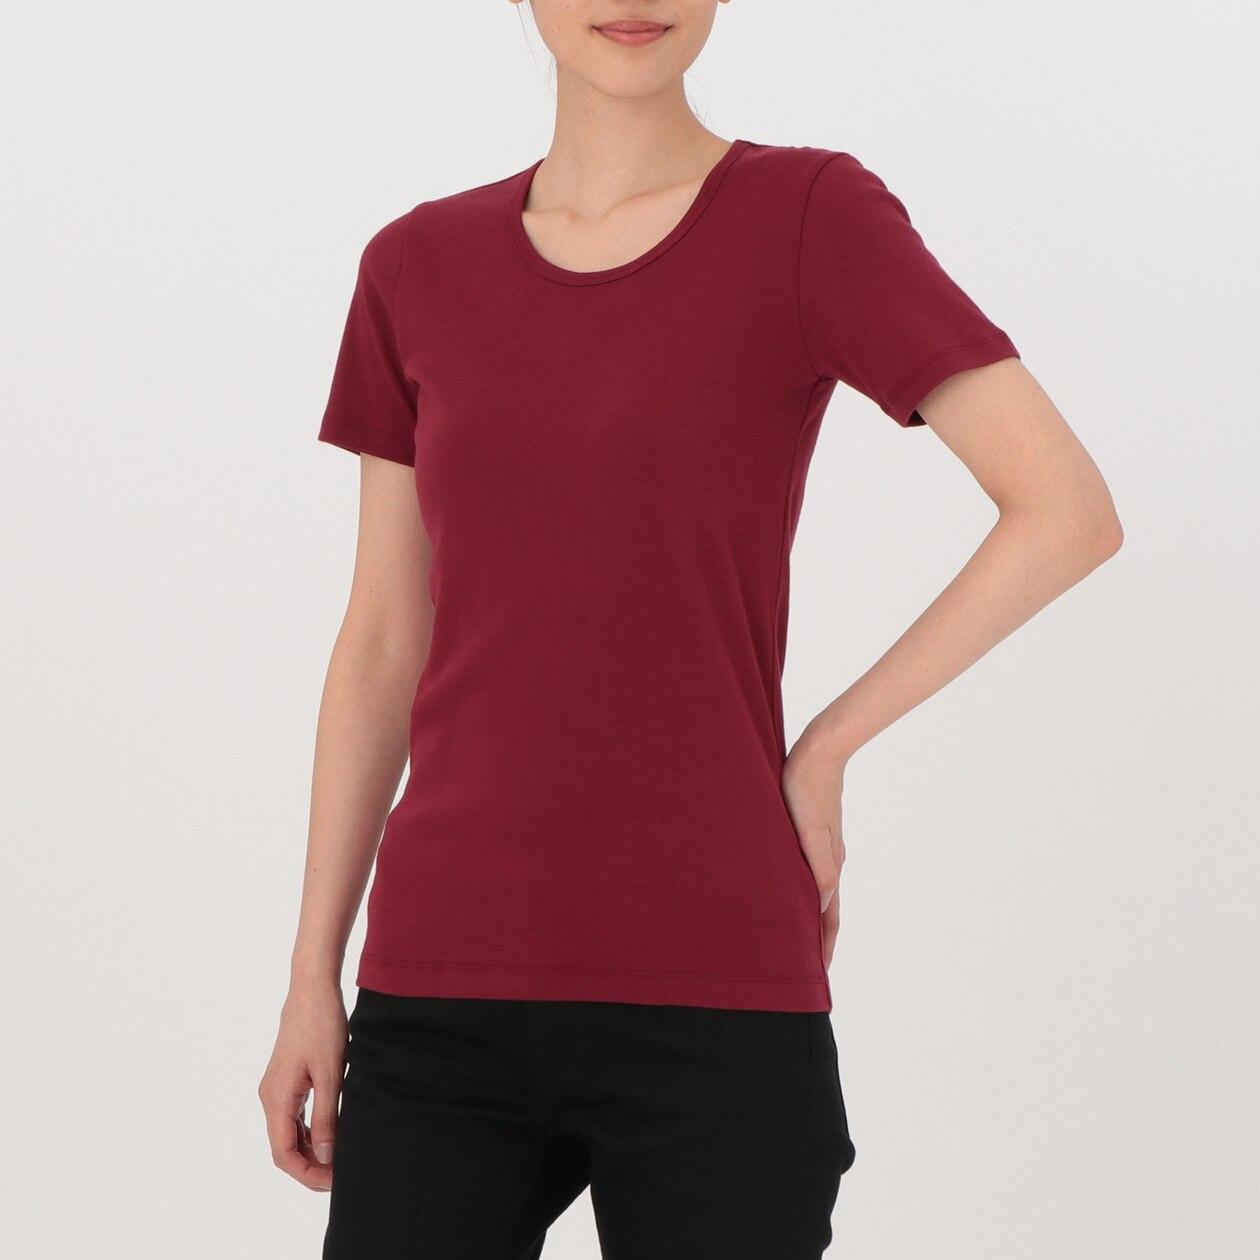 オーガニックコットンフライス編みクルーネック半袖Tシャツ